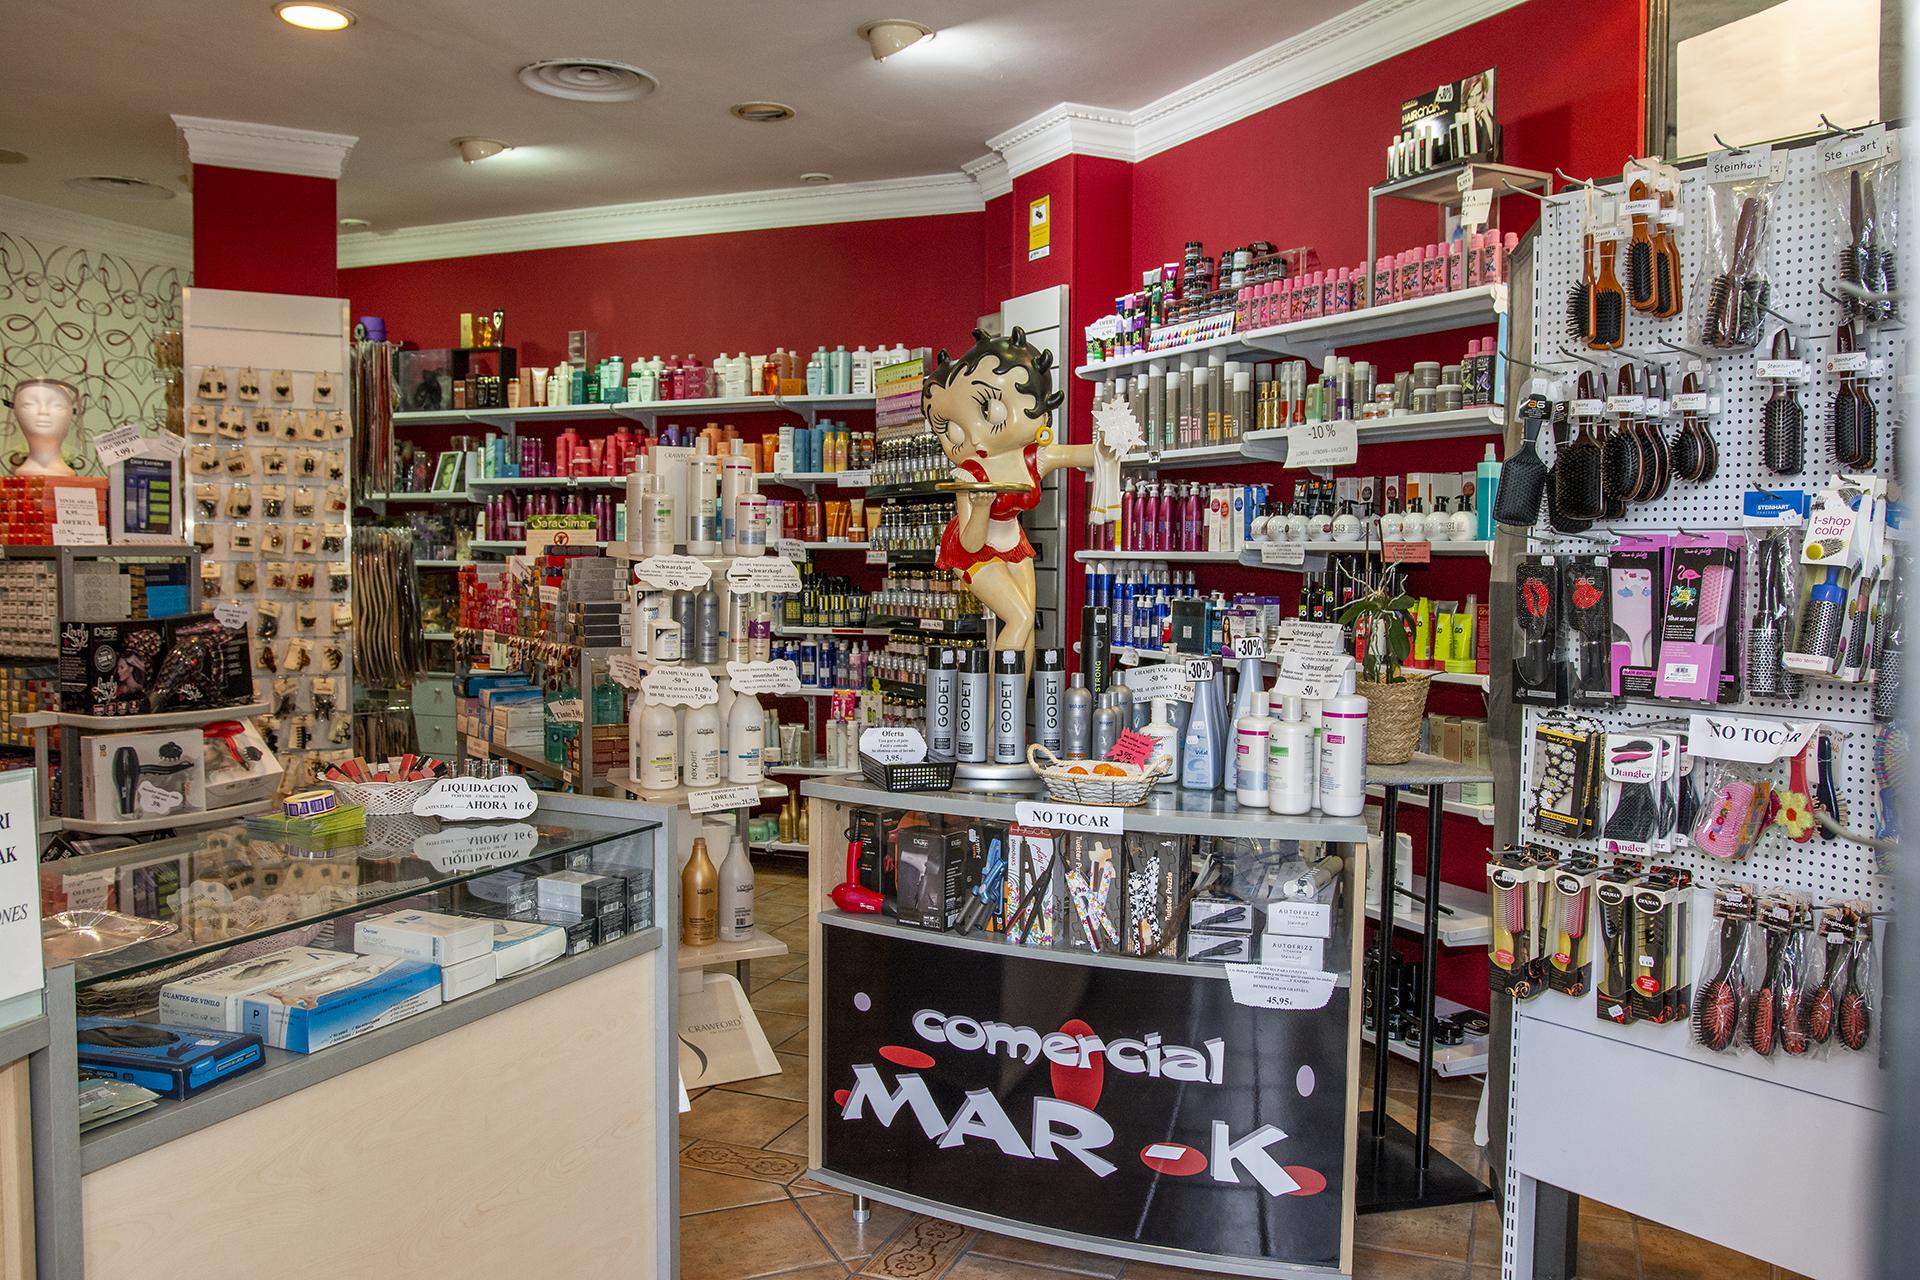 Comercial MarK 1